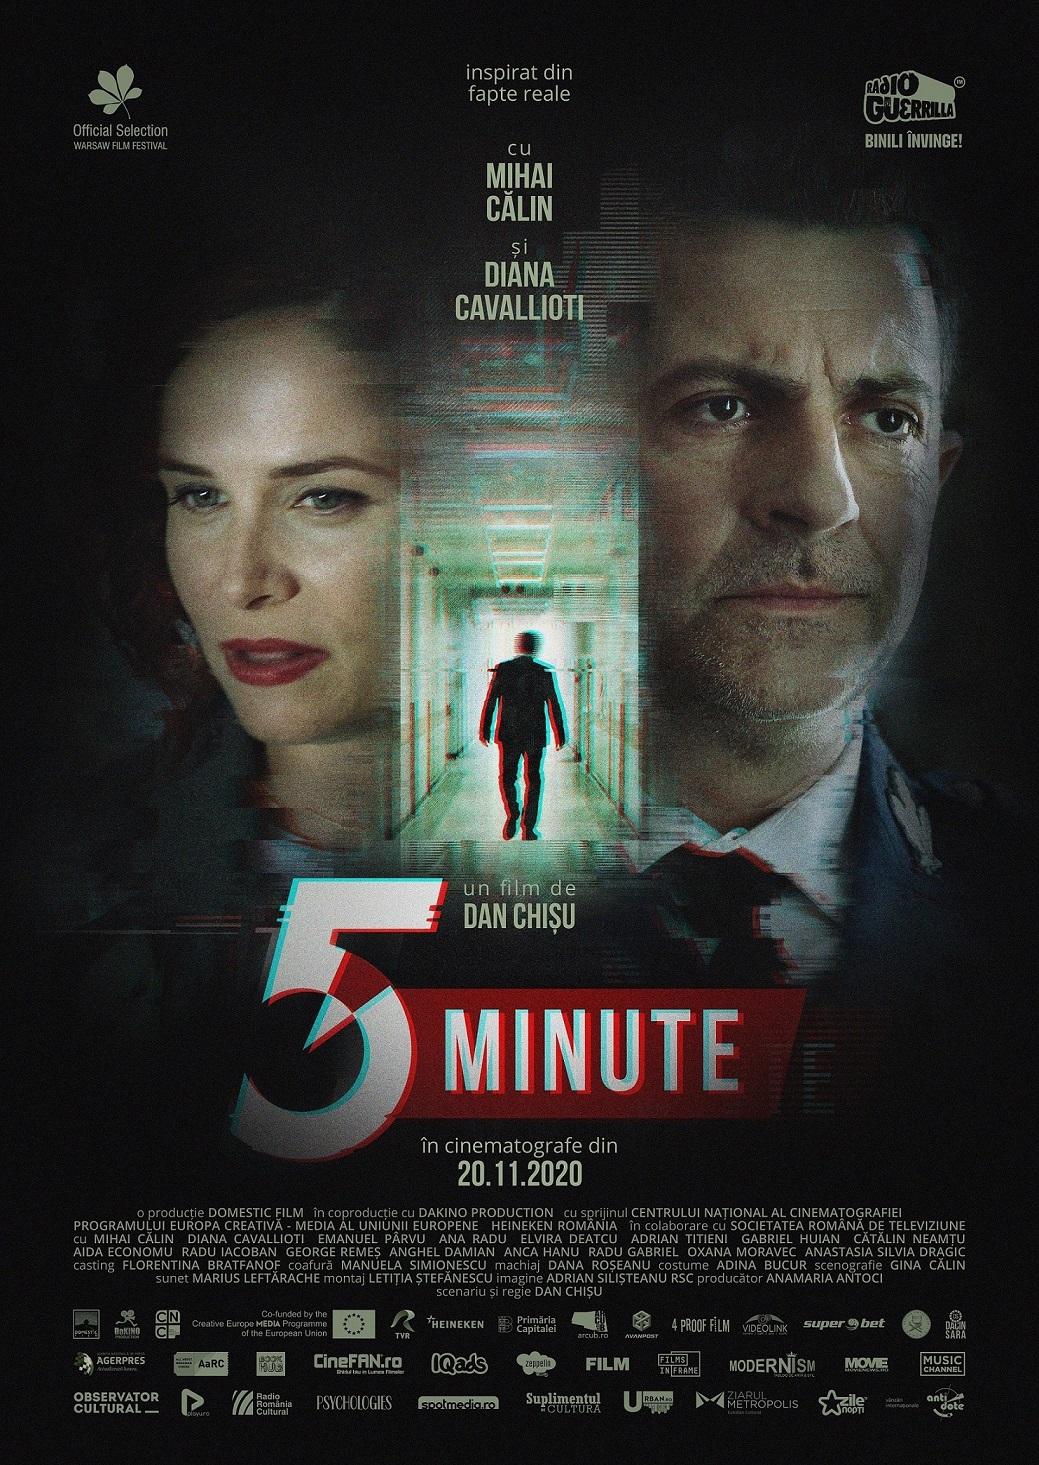 """Filmul """"5 Minute"""", în regia lui Dan Chișu intră în exploatare cinematografică pe 20 noiembrie"""